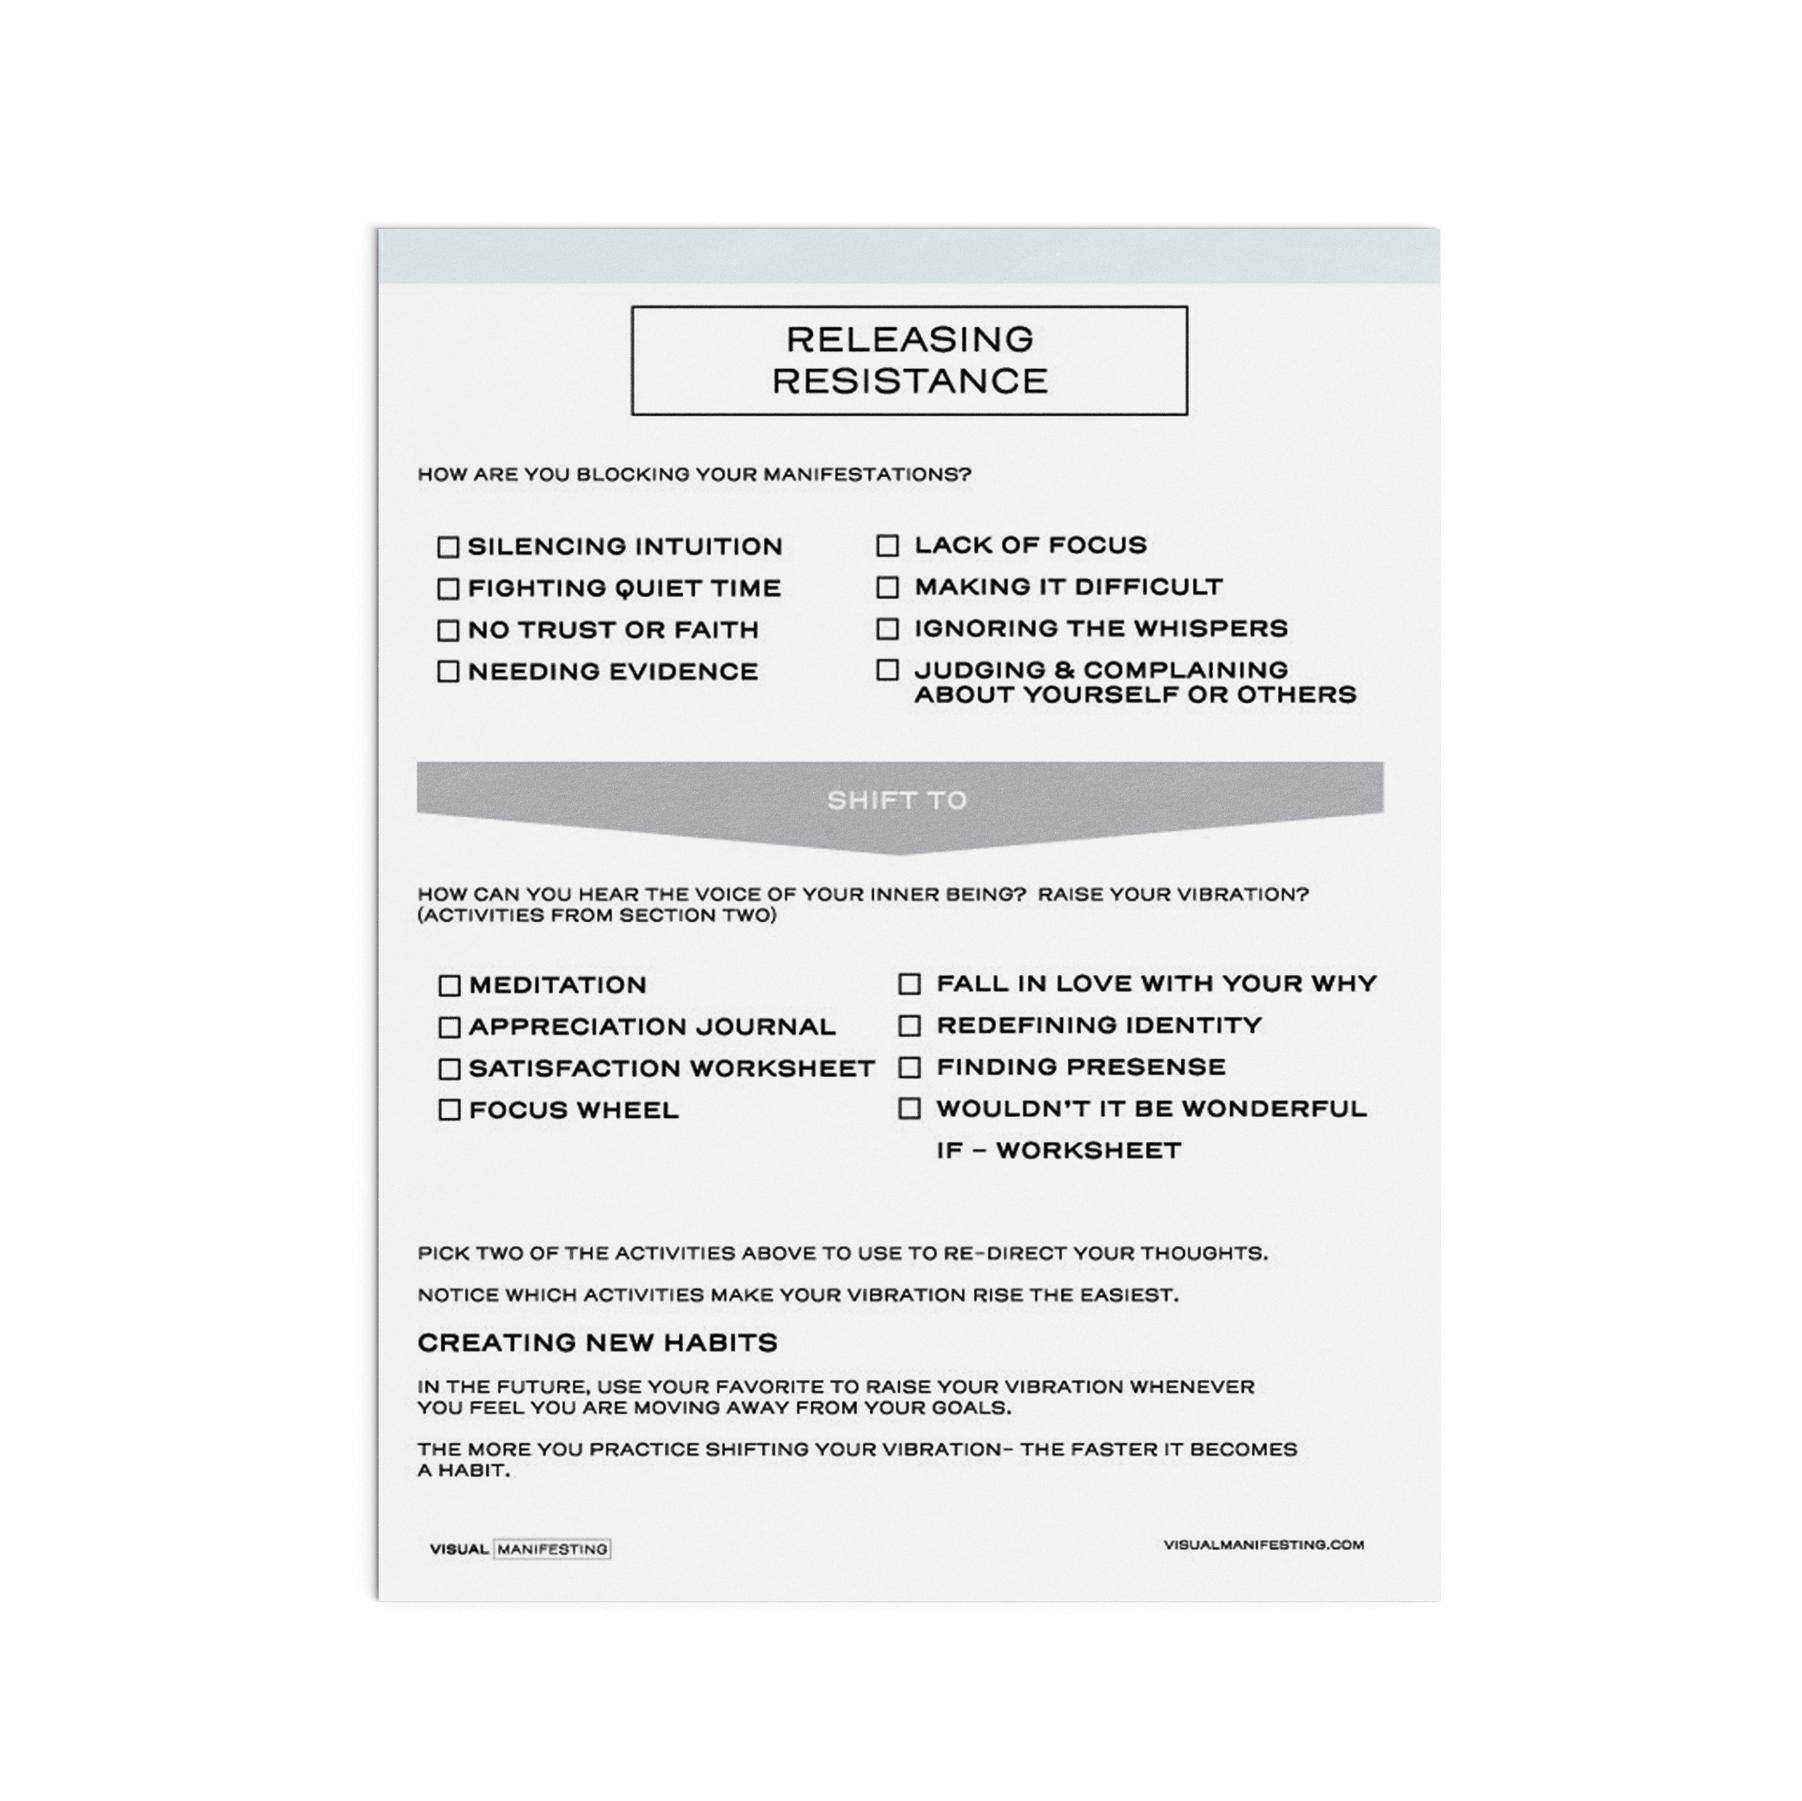 Worksheet-Releasing.jpg